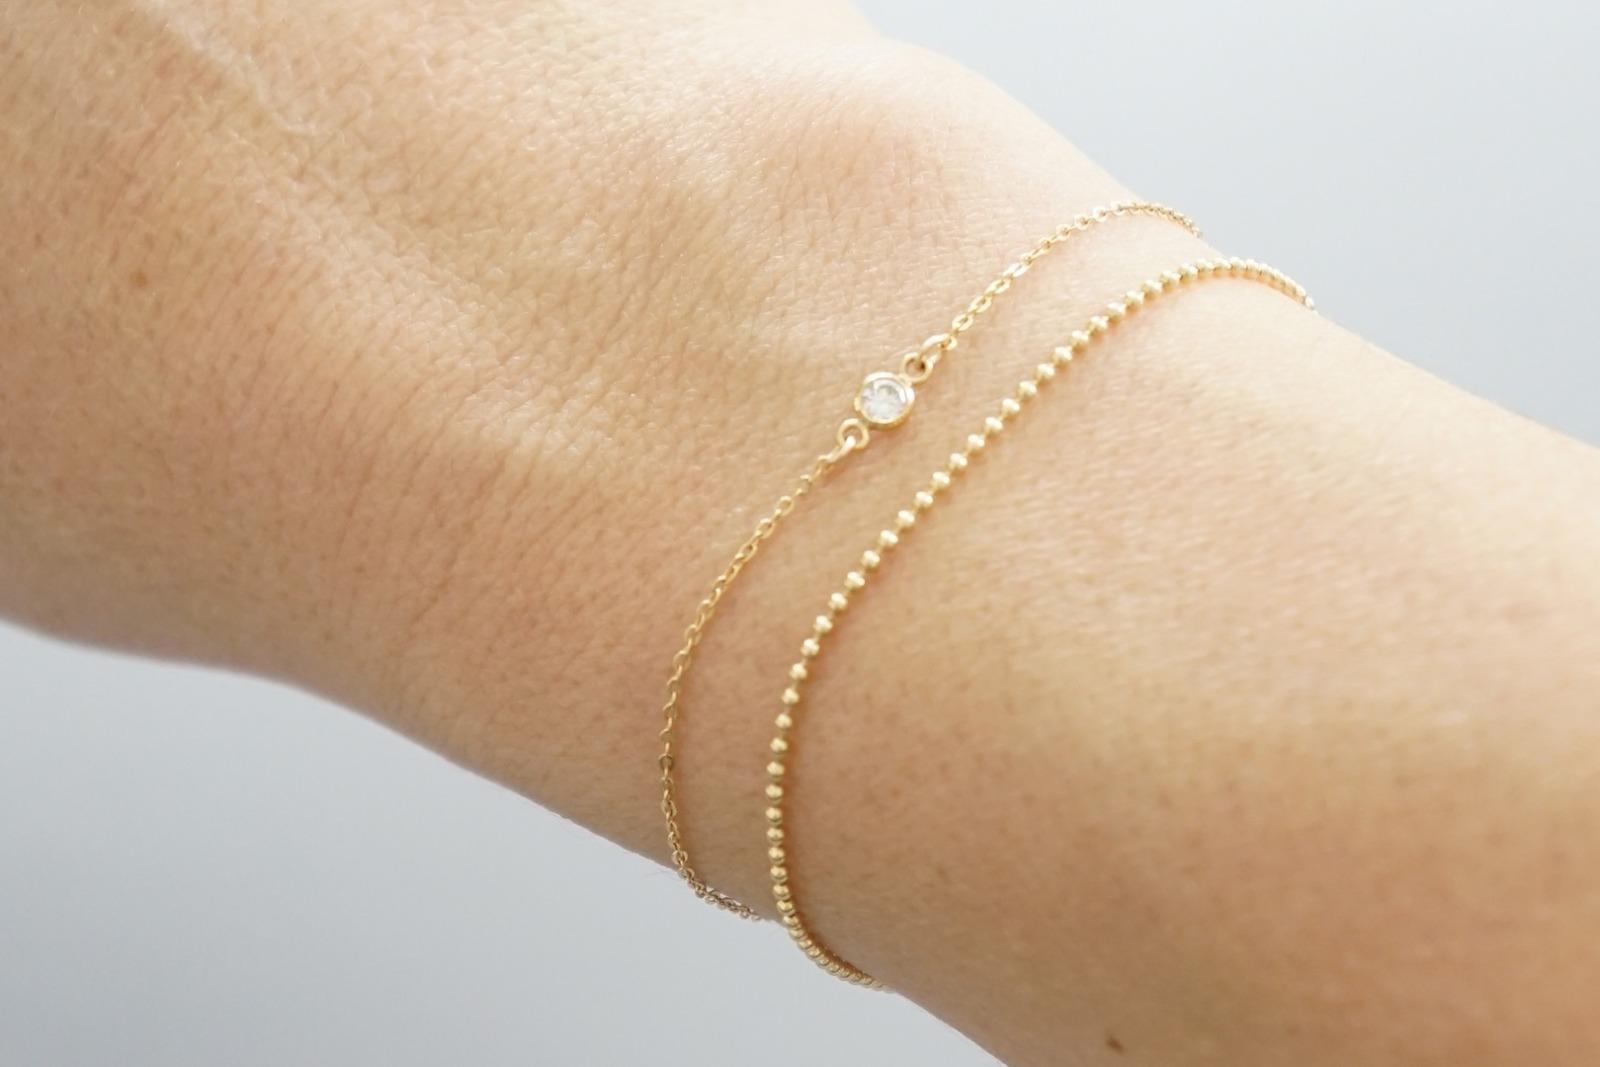 Feines Armband vergoldet mit Zirkonia Stein - 3